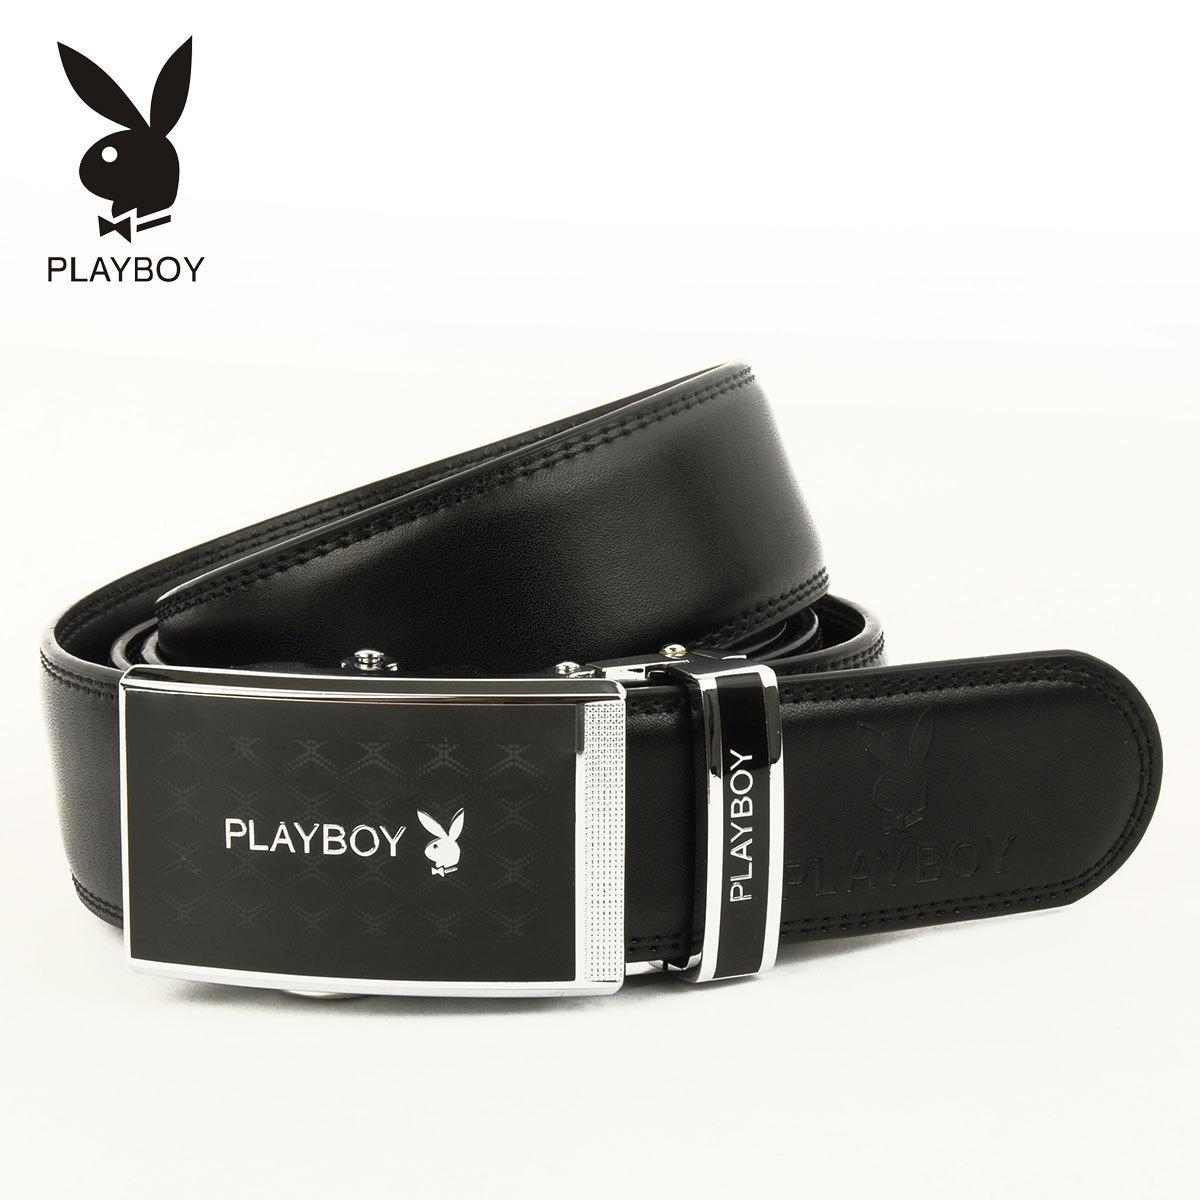 Ремень Playboy pdf0691/12 Мужчины Кожа быка Деловой Автоматические пряжки Блестящий